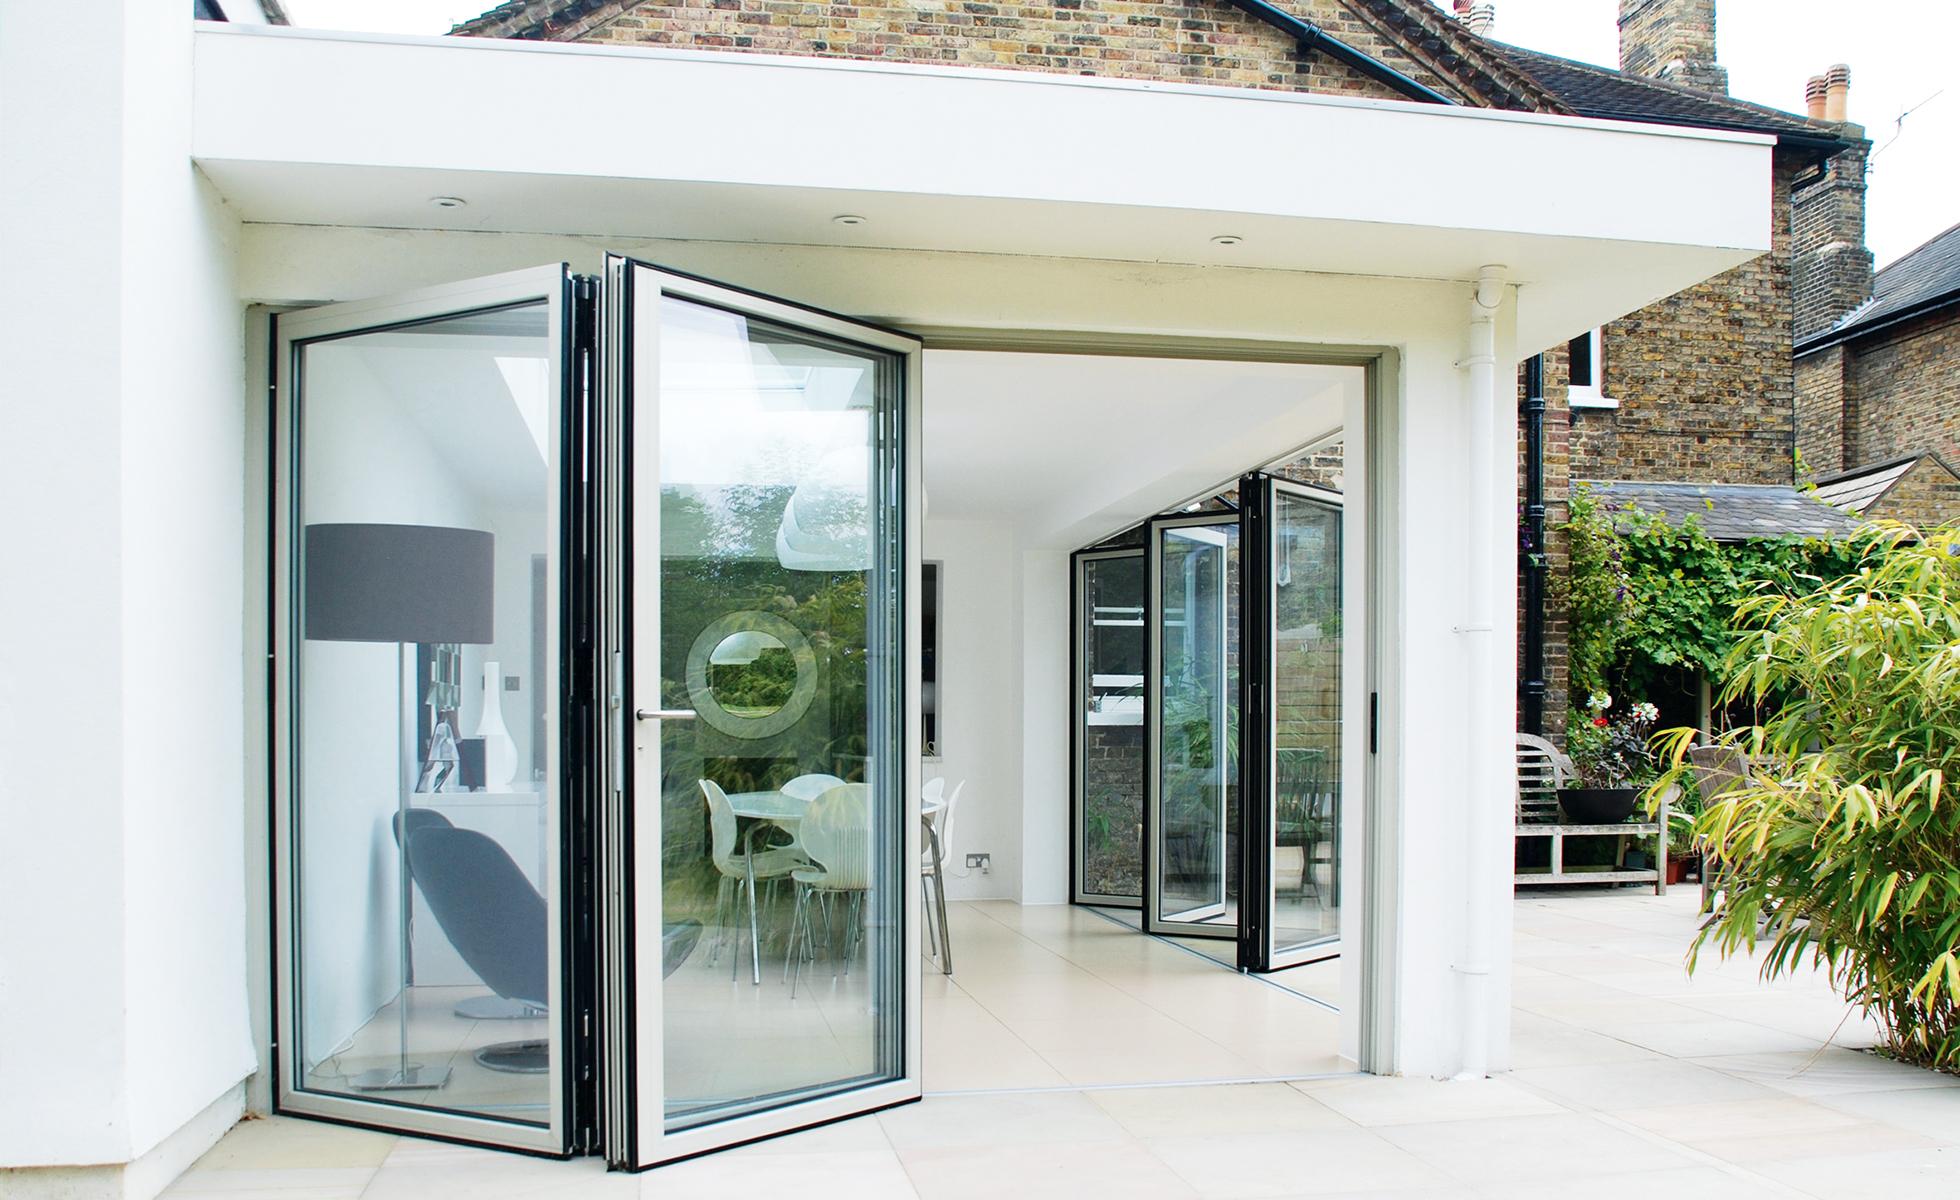 Aluminium External Folding Doors Sliding Concertina Patio